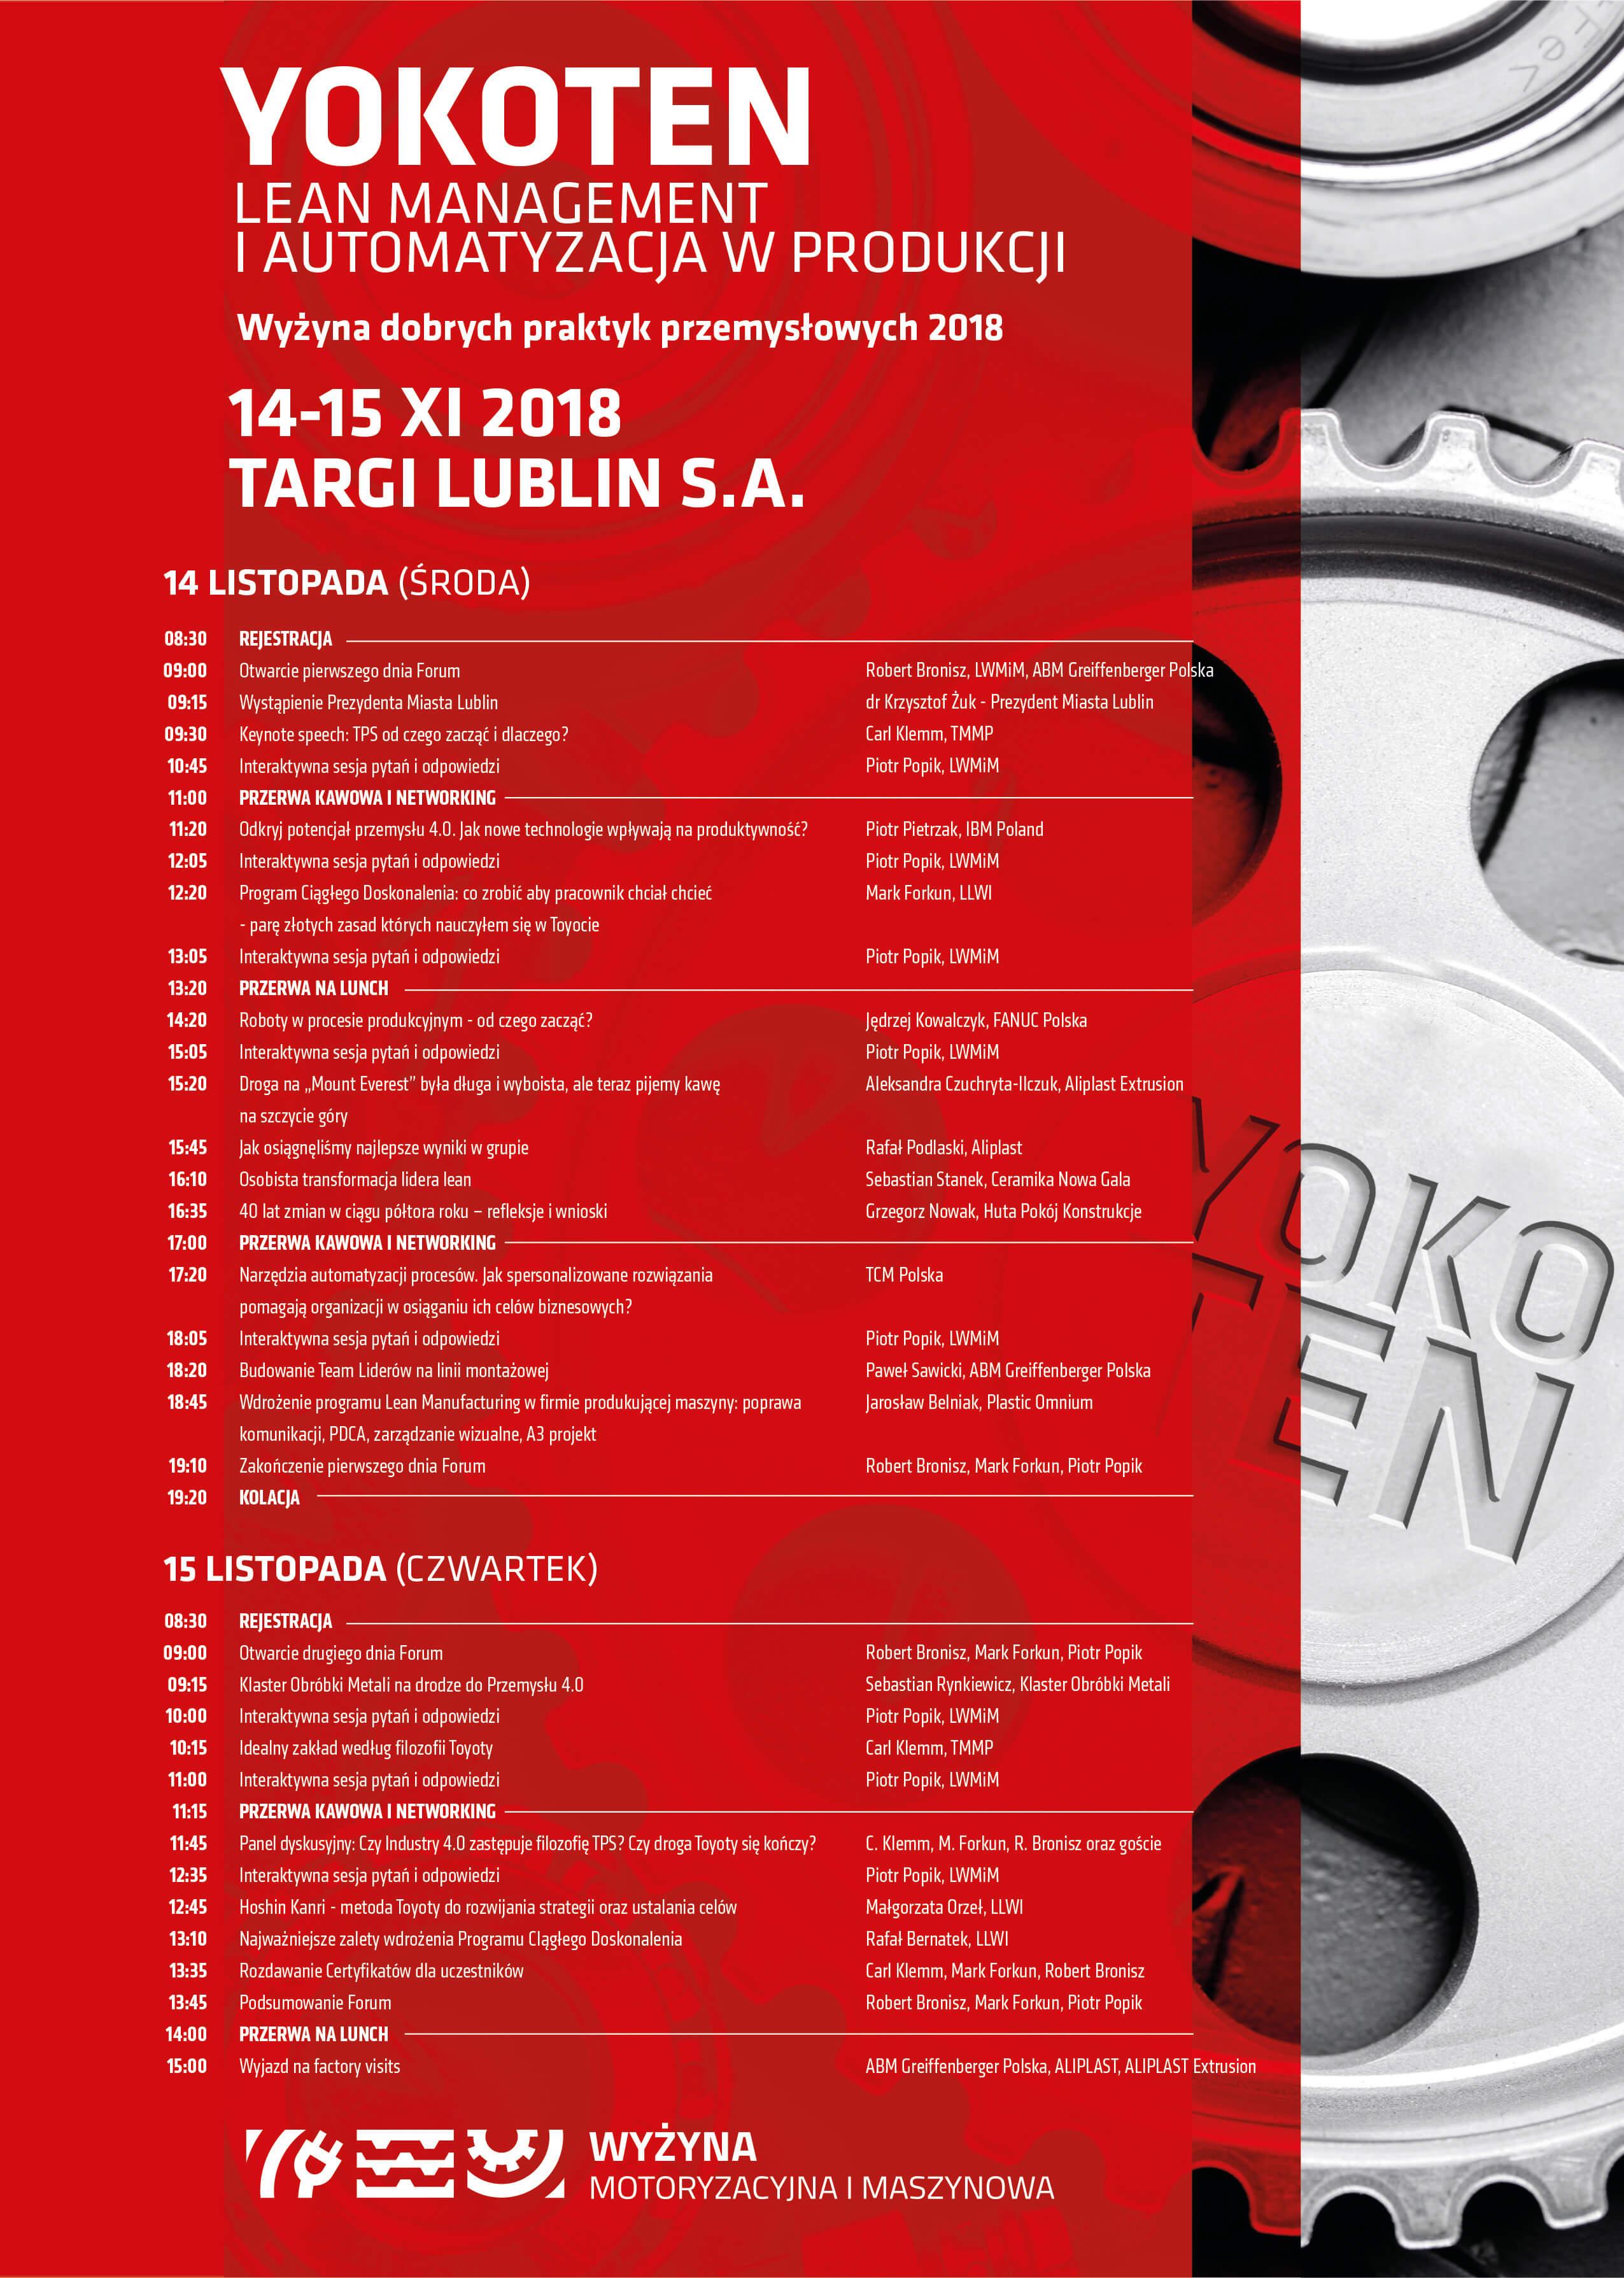 Agenda Forum Yokoten 2018